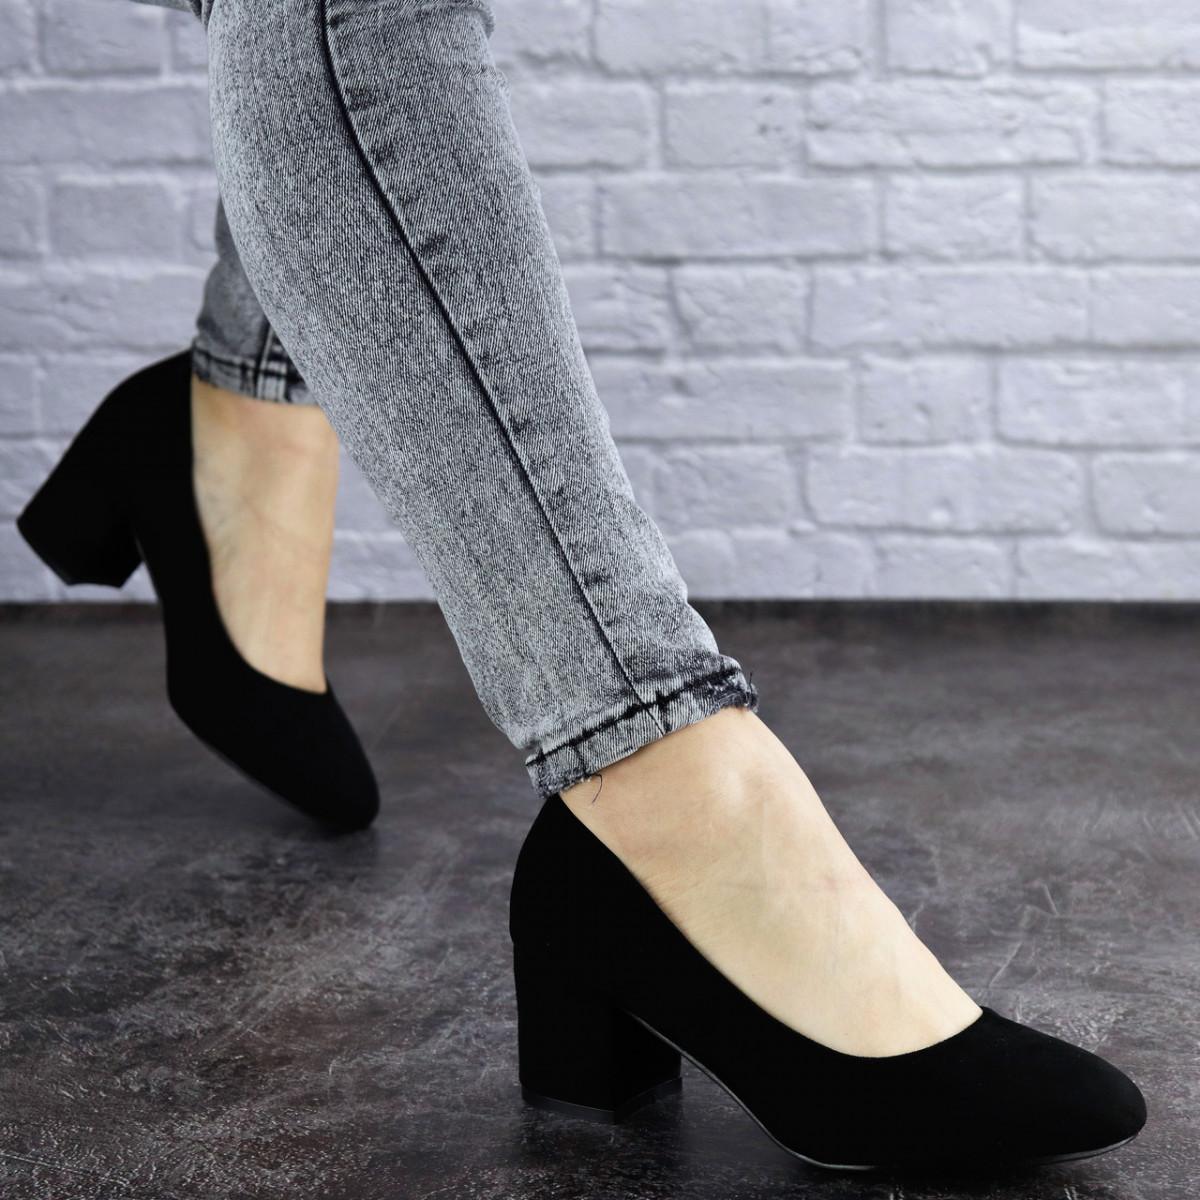 Женские туфли на каблуке Fashion Slider 2032 37 размер 24 см Черный